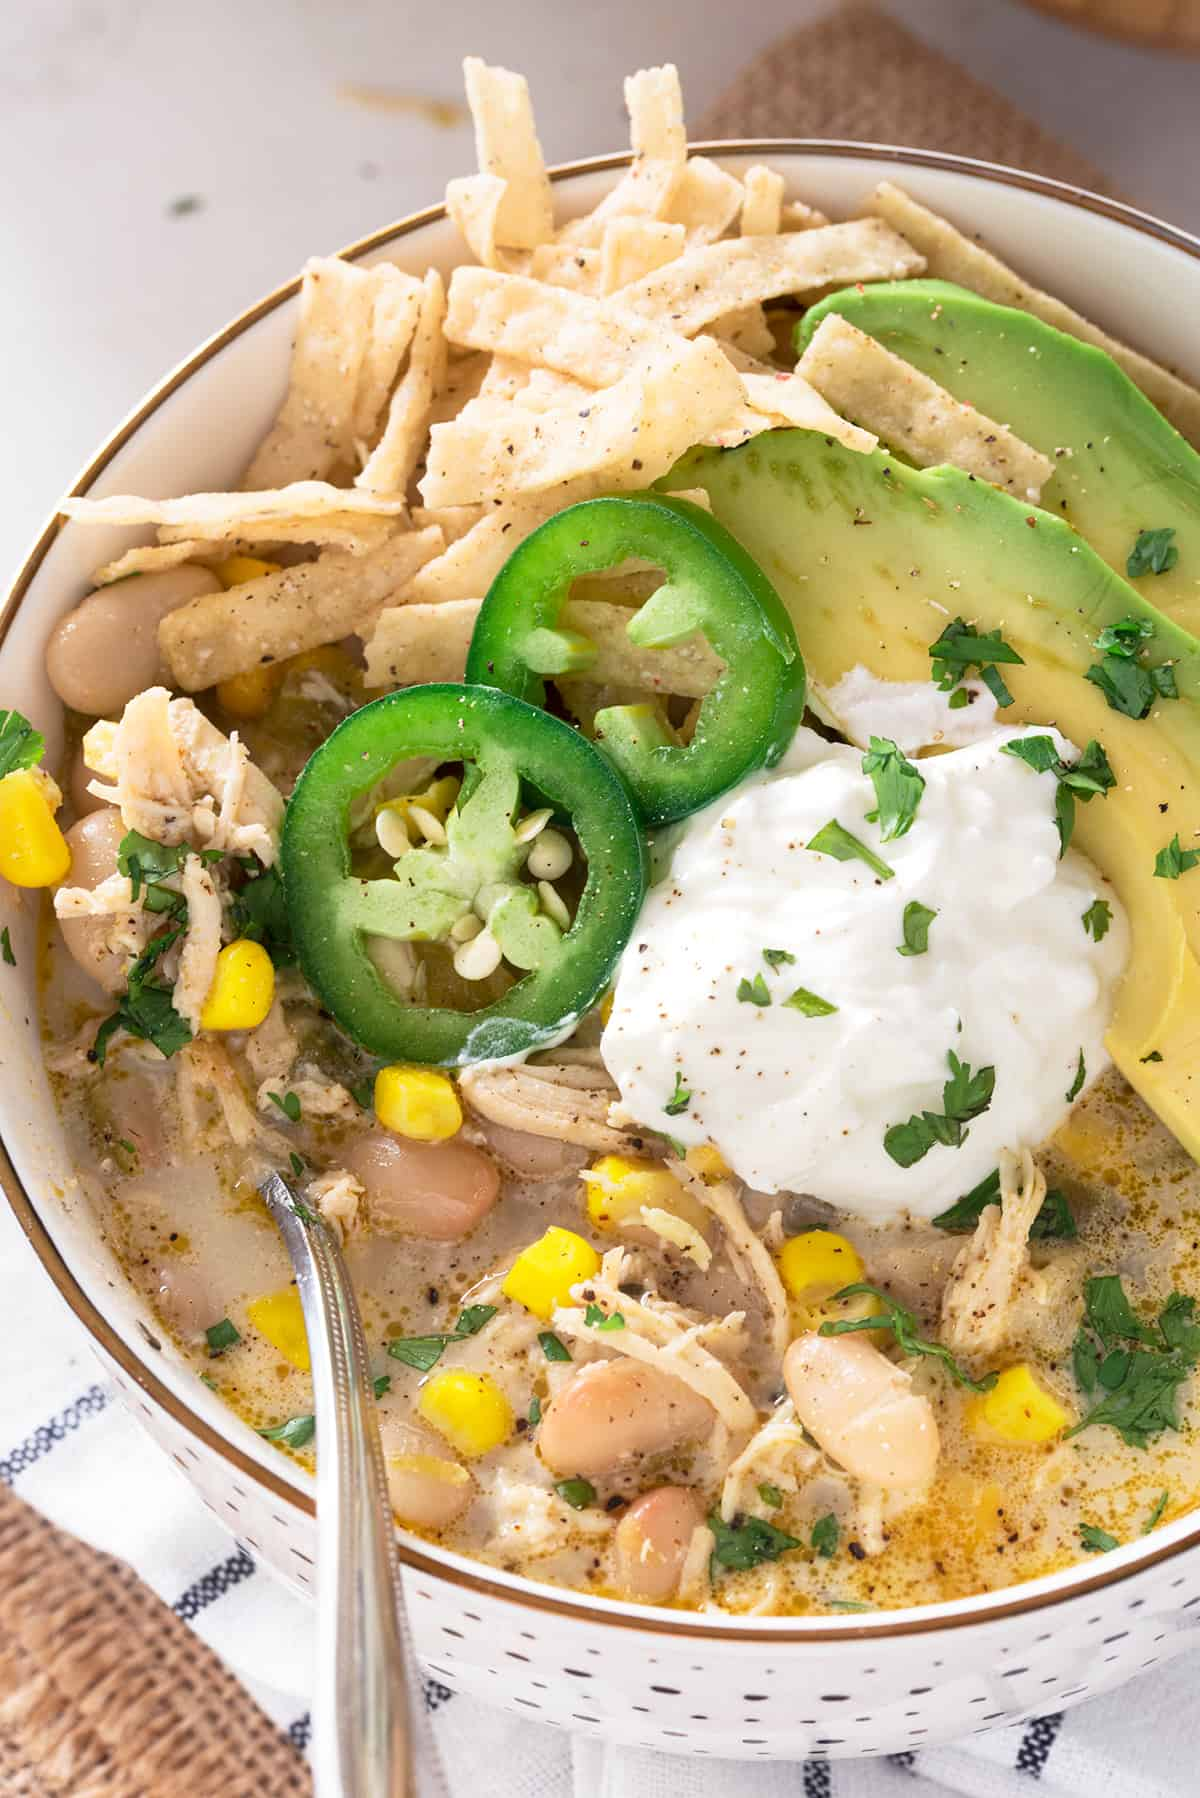 Closeup of bowl of white chicken chili with cilantro, sour cream dollop and avocado in a bowl.